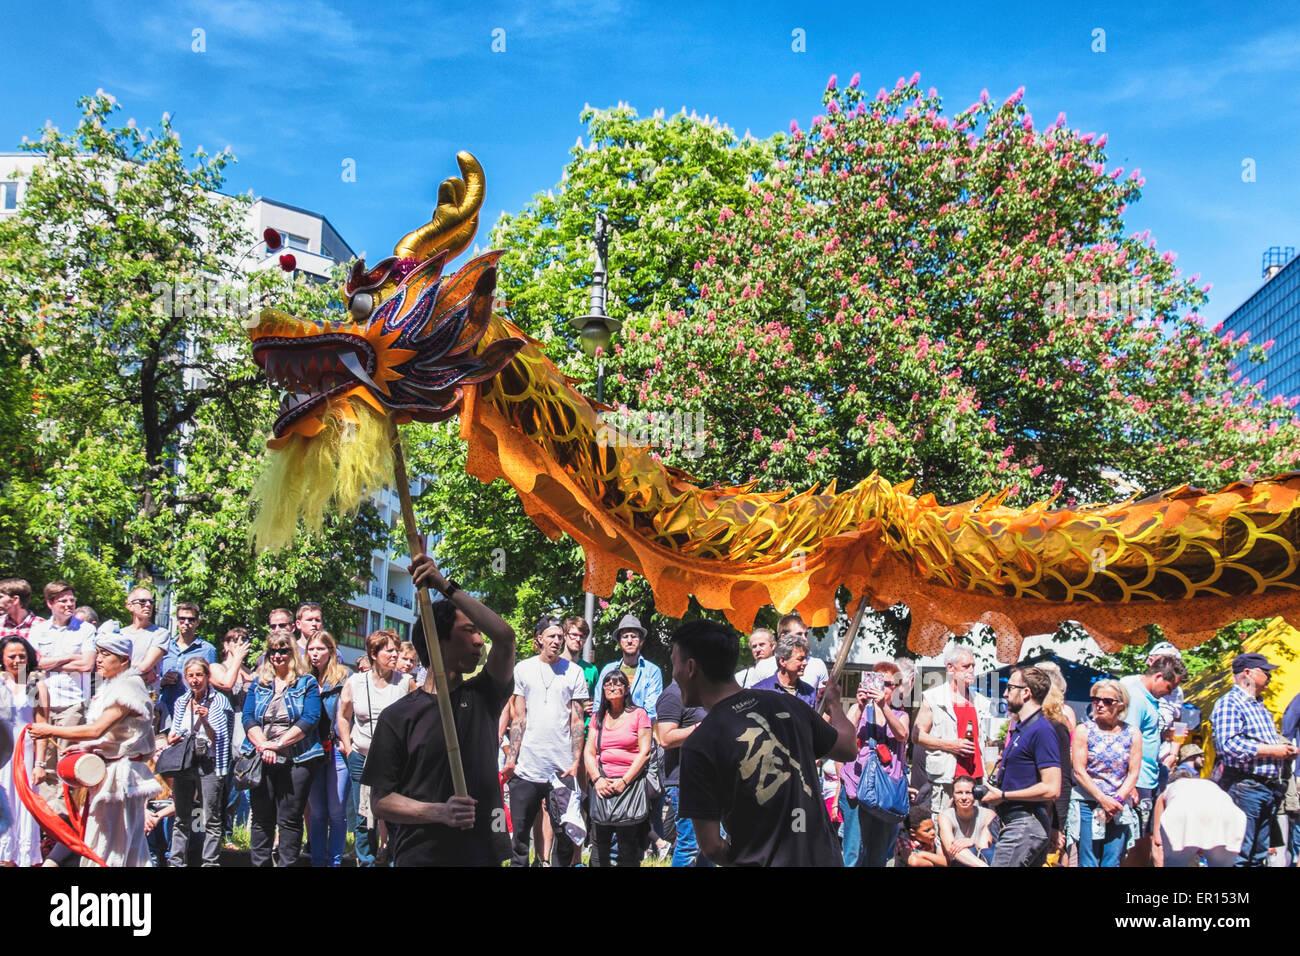 Kreuzberg, Berlín, Alemania, 24 de mayo de 2015. La multitud mira el dragón chino como Berlín celebra Imagen De Stock